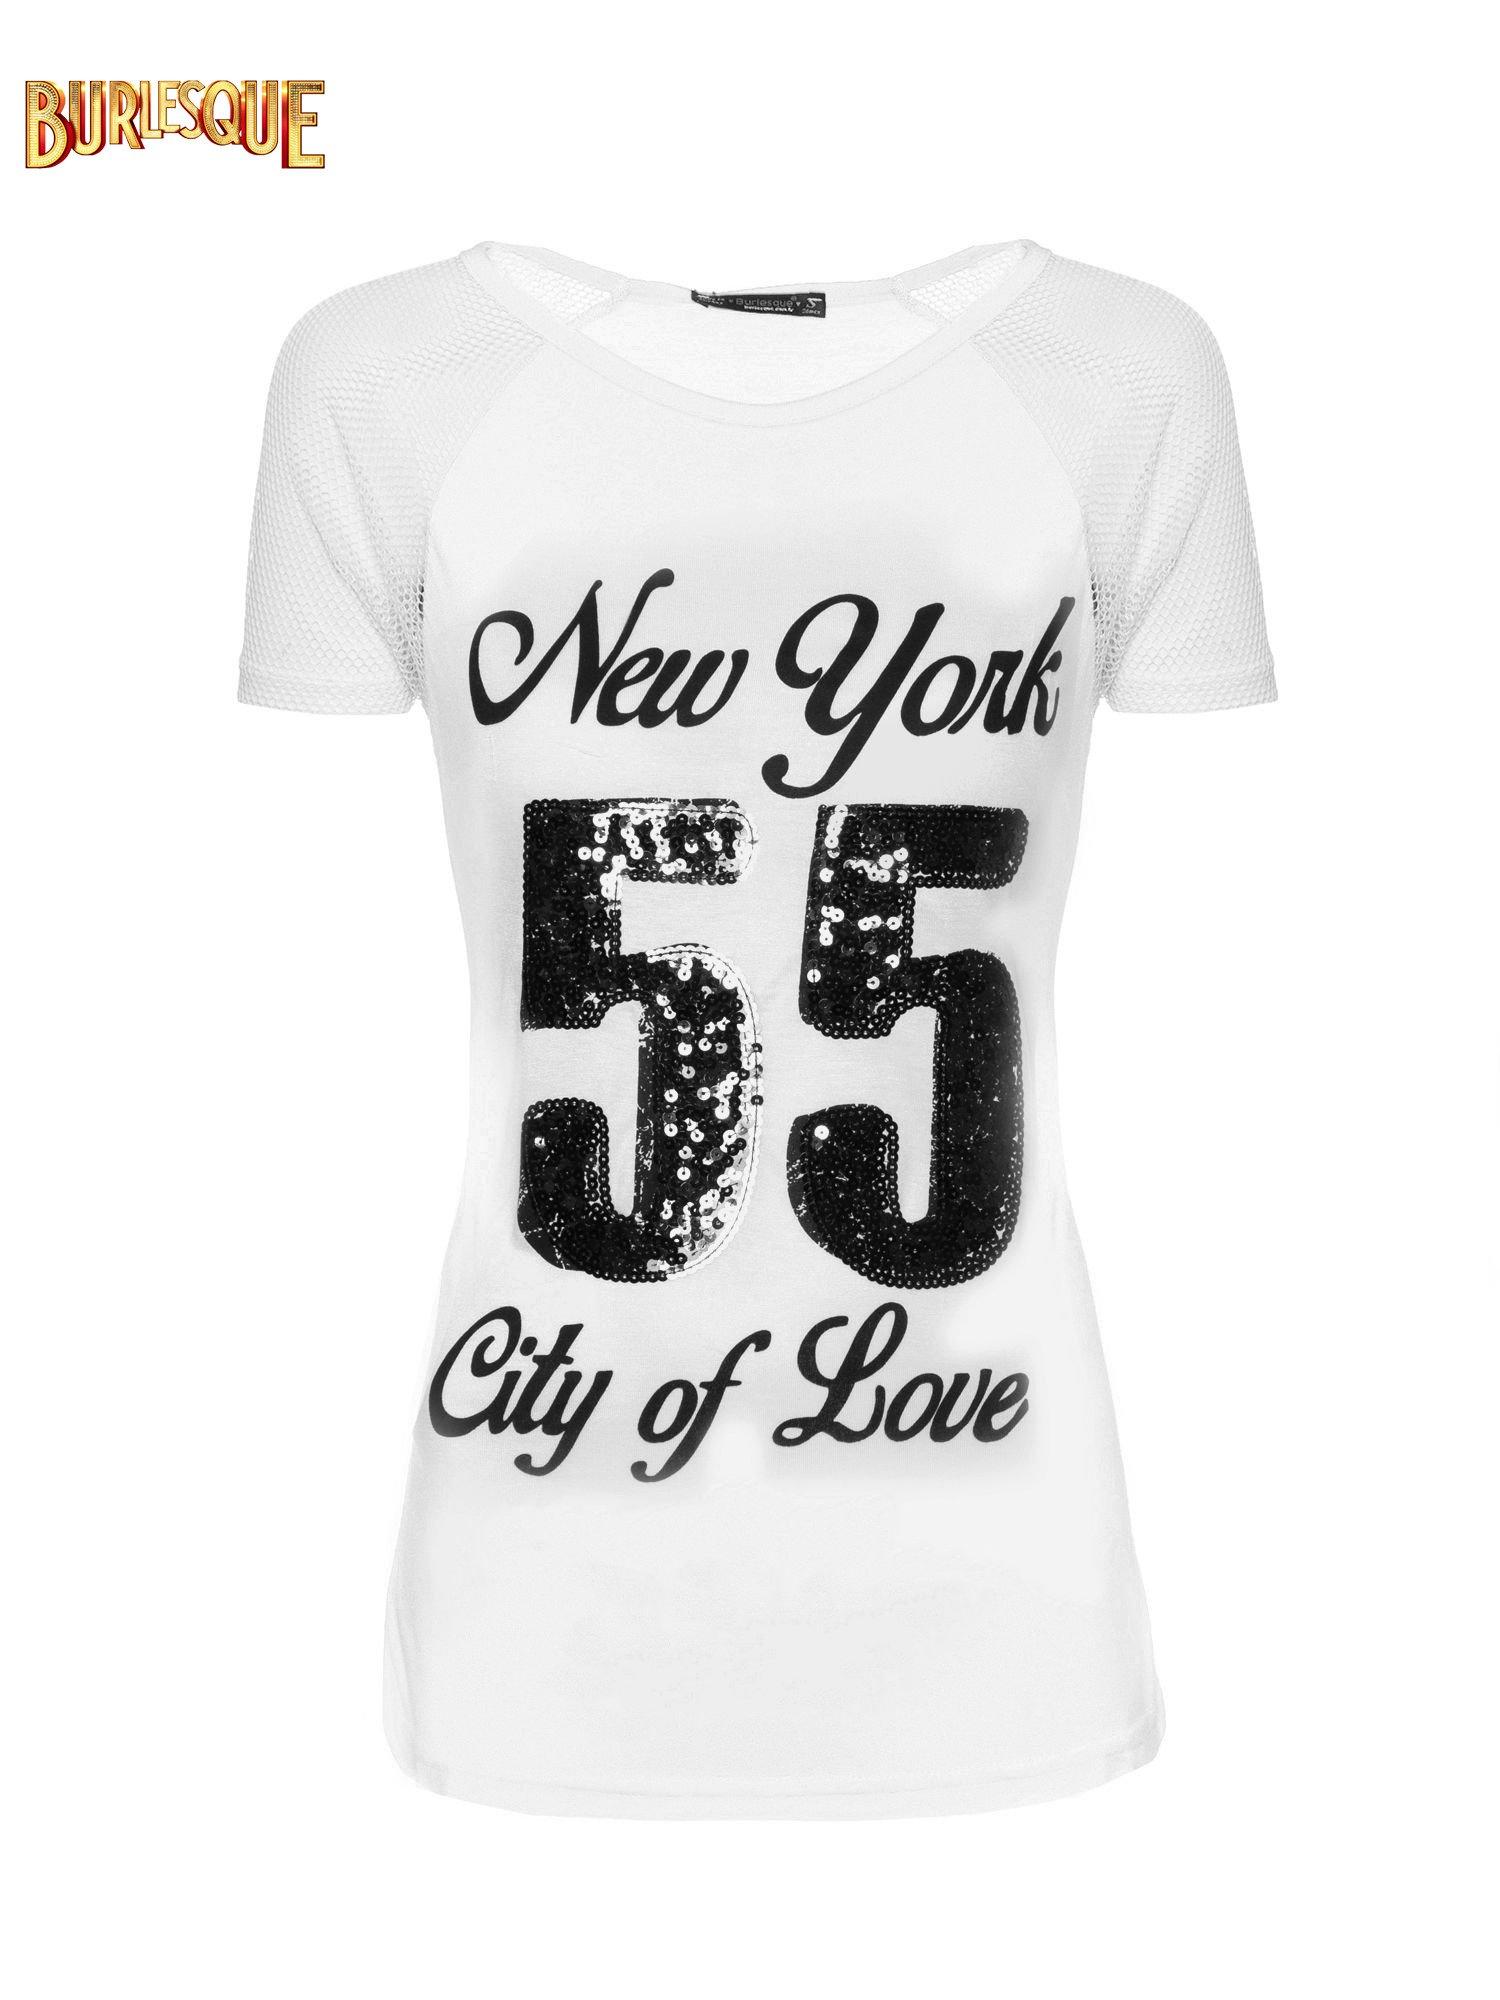 Biały t-shirt z nadrukiem NEW YORK 55 i siatkowymi rękawami                                  zdj.                                  1